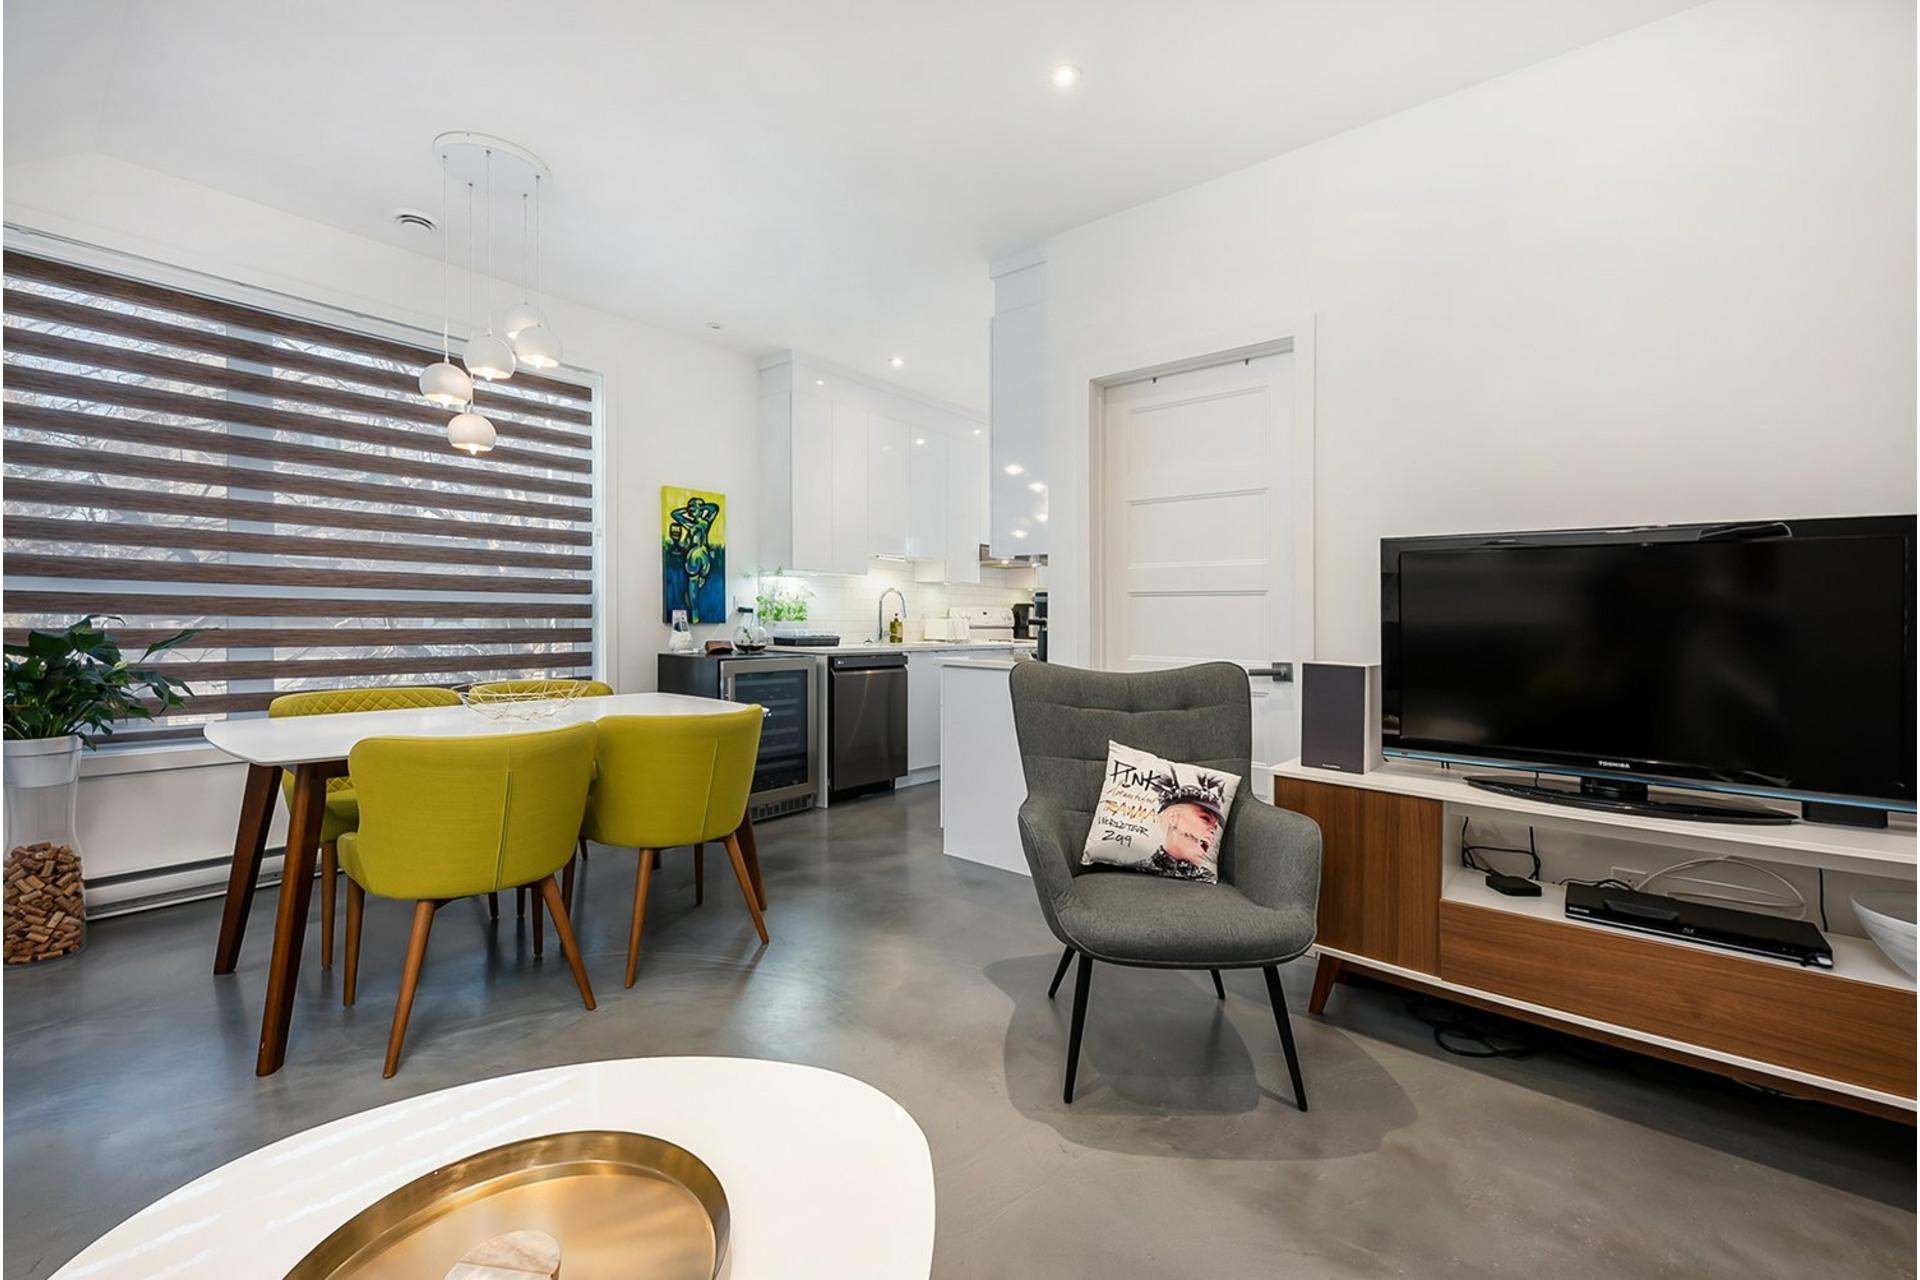 image 35 - Triplex For sale Mercier/Hochelaga-Maisonneuve Montréal  - 4 rooms